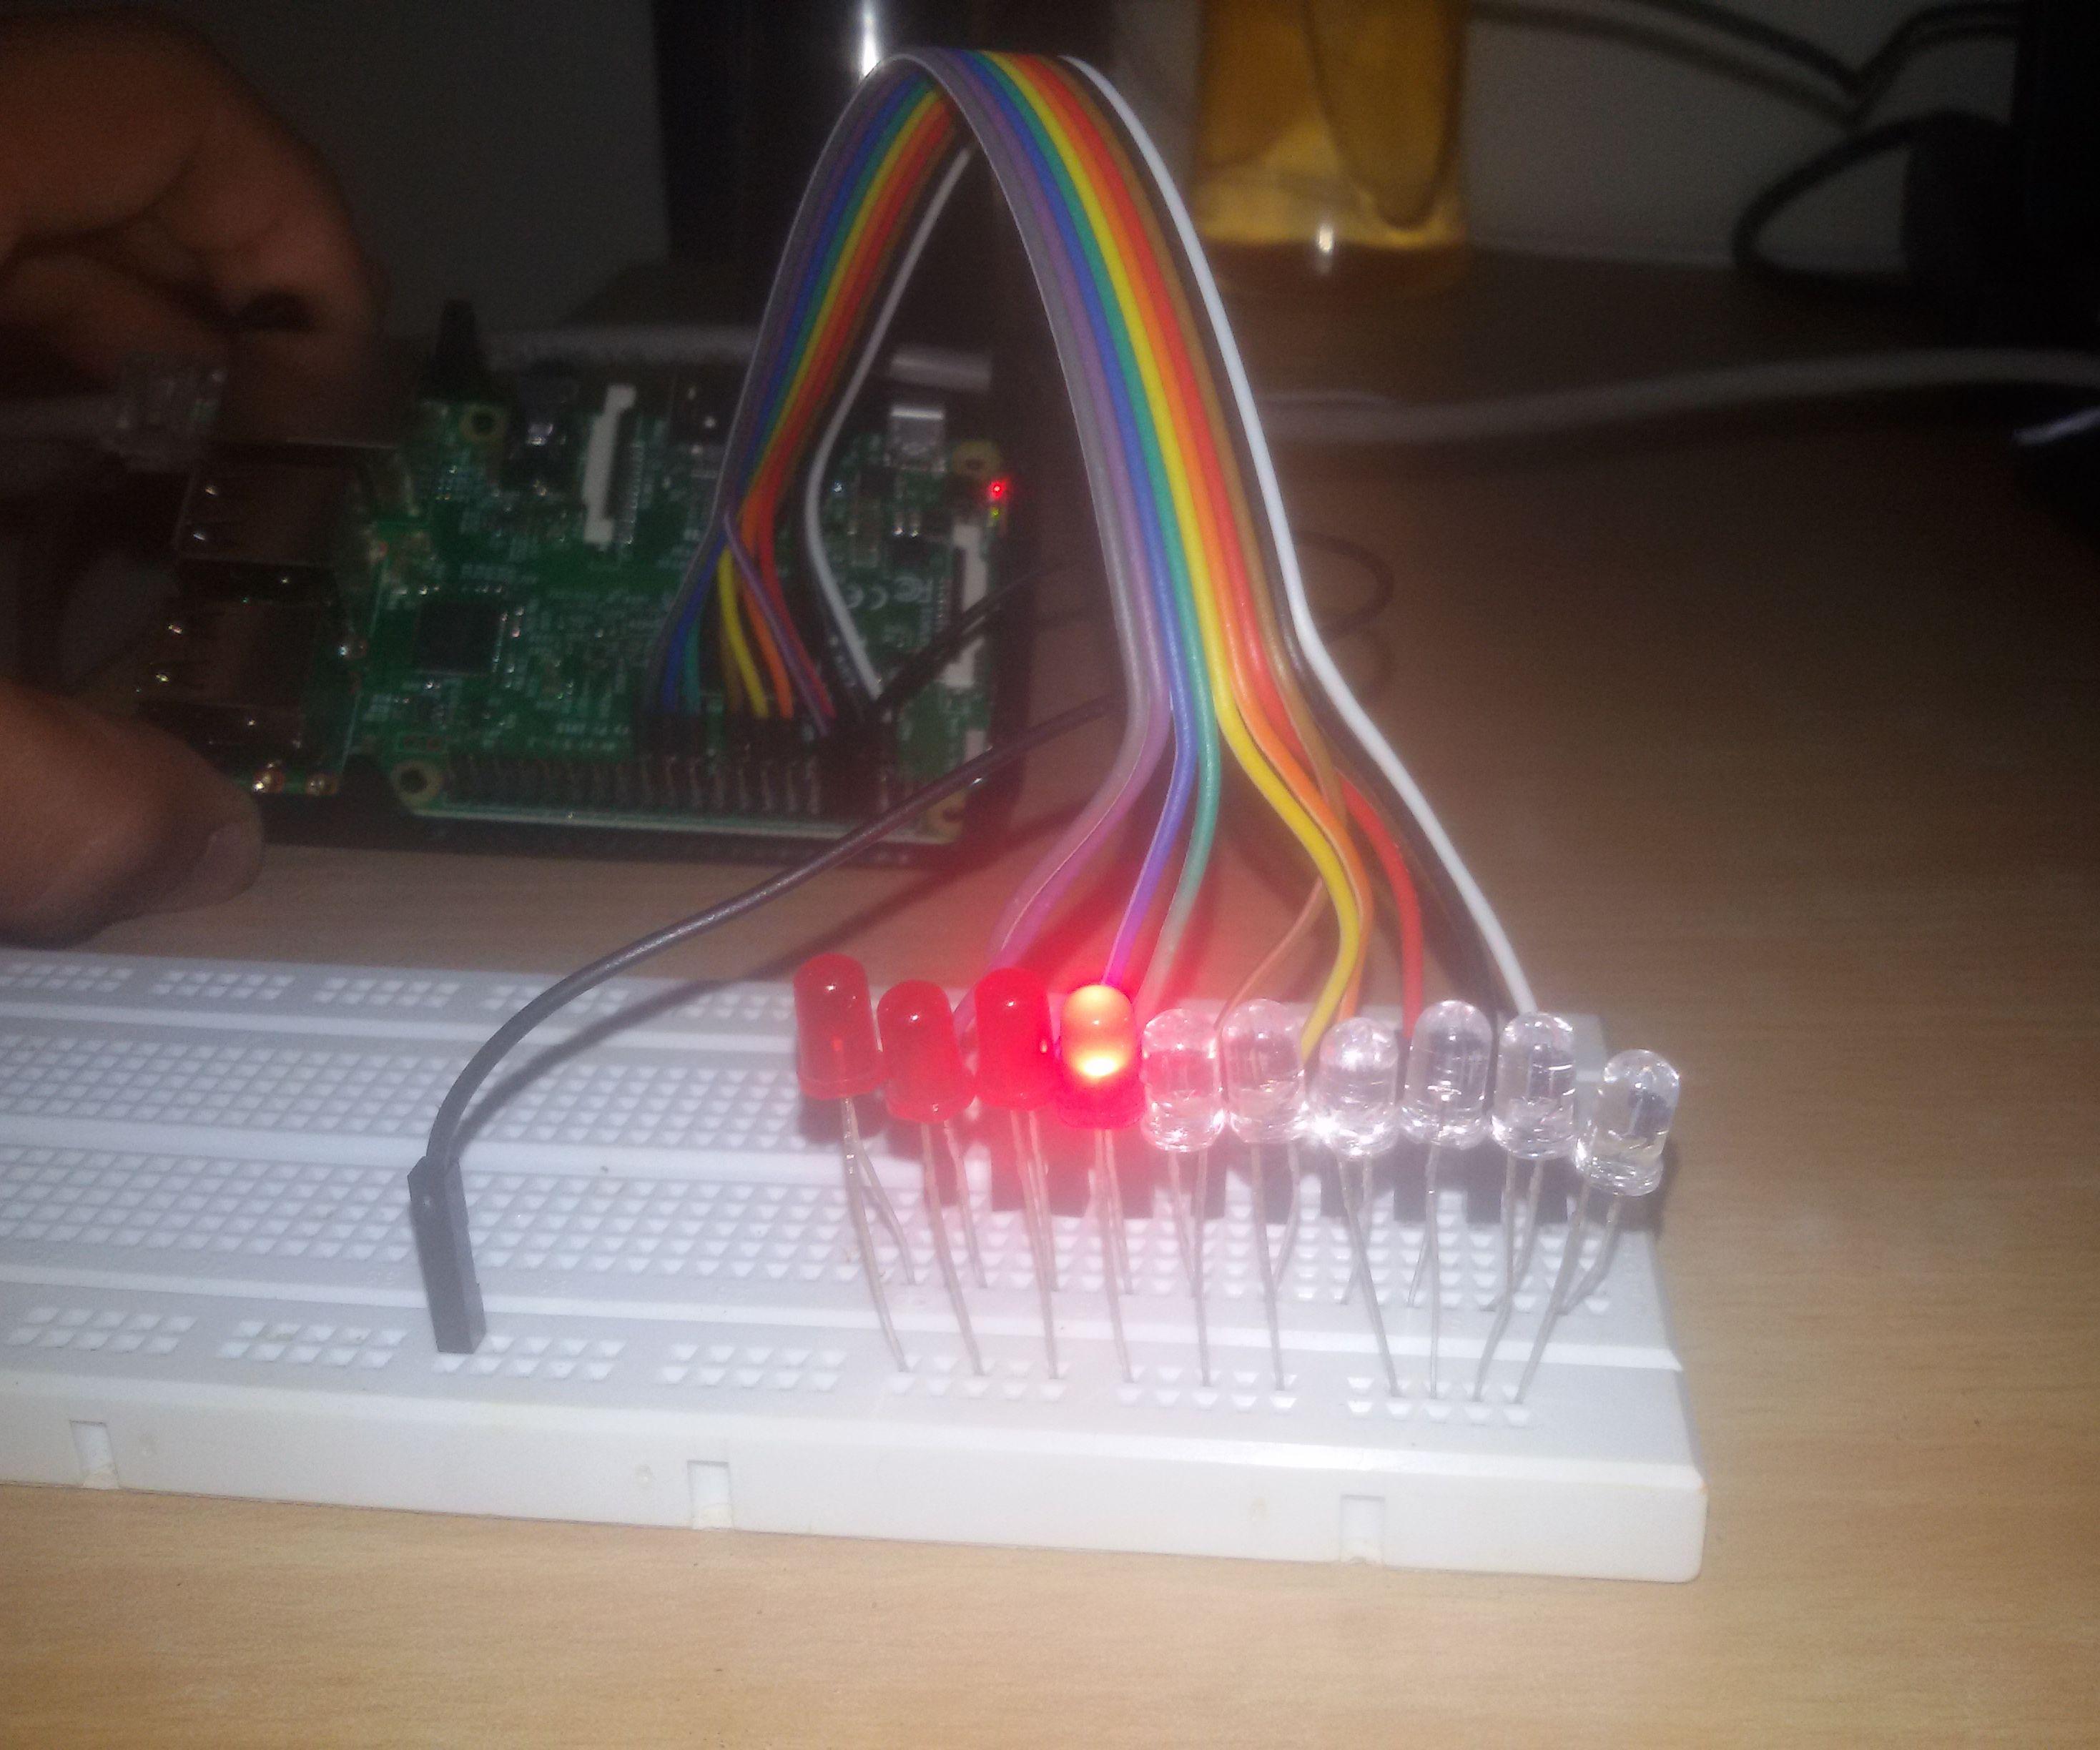 LED chaser using raspberry pi